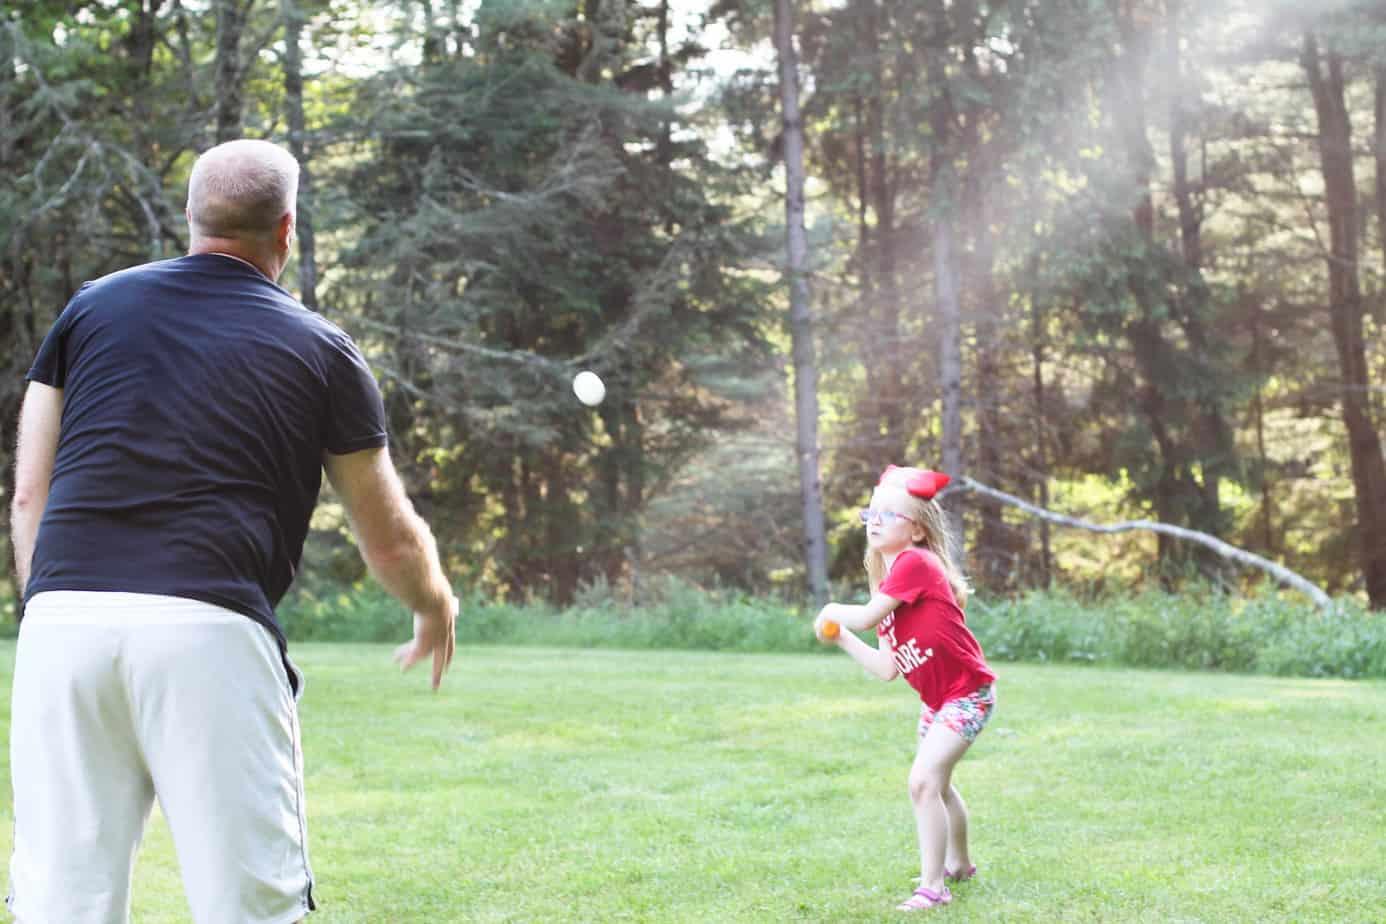 playing tee ball